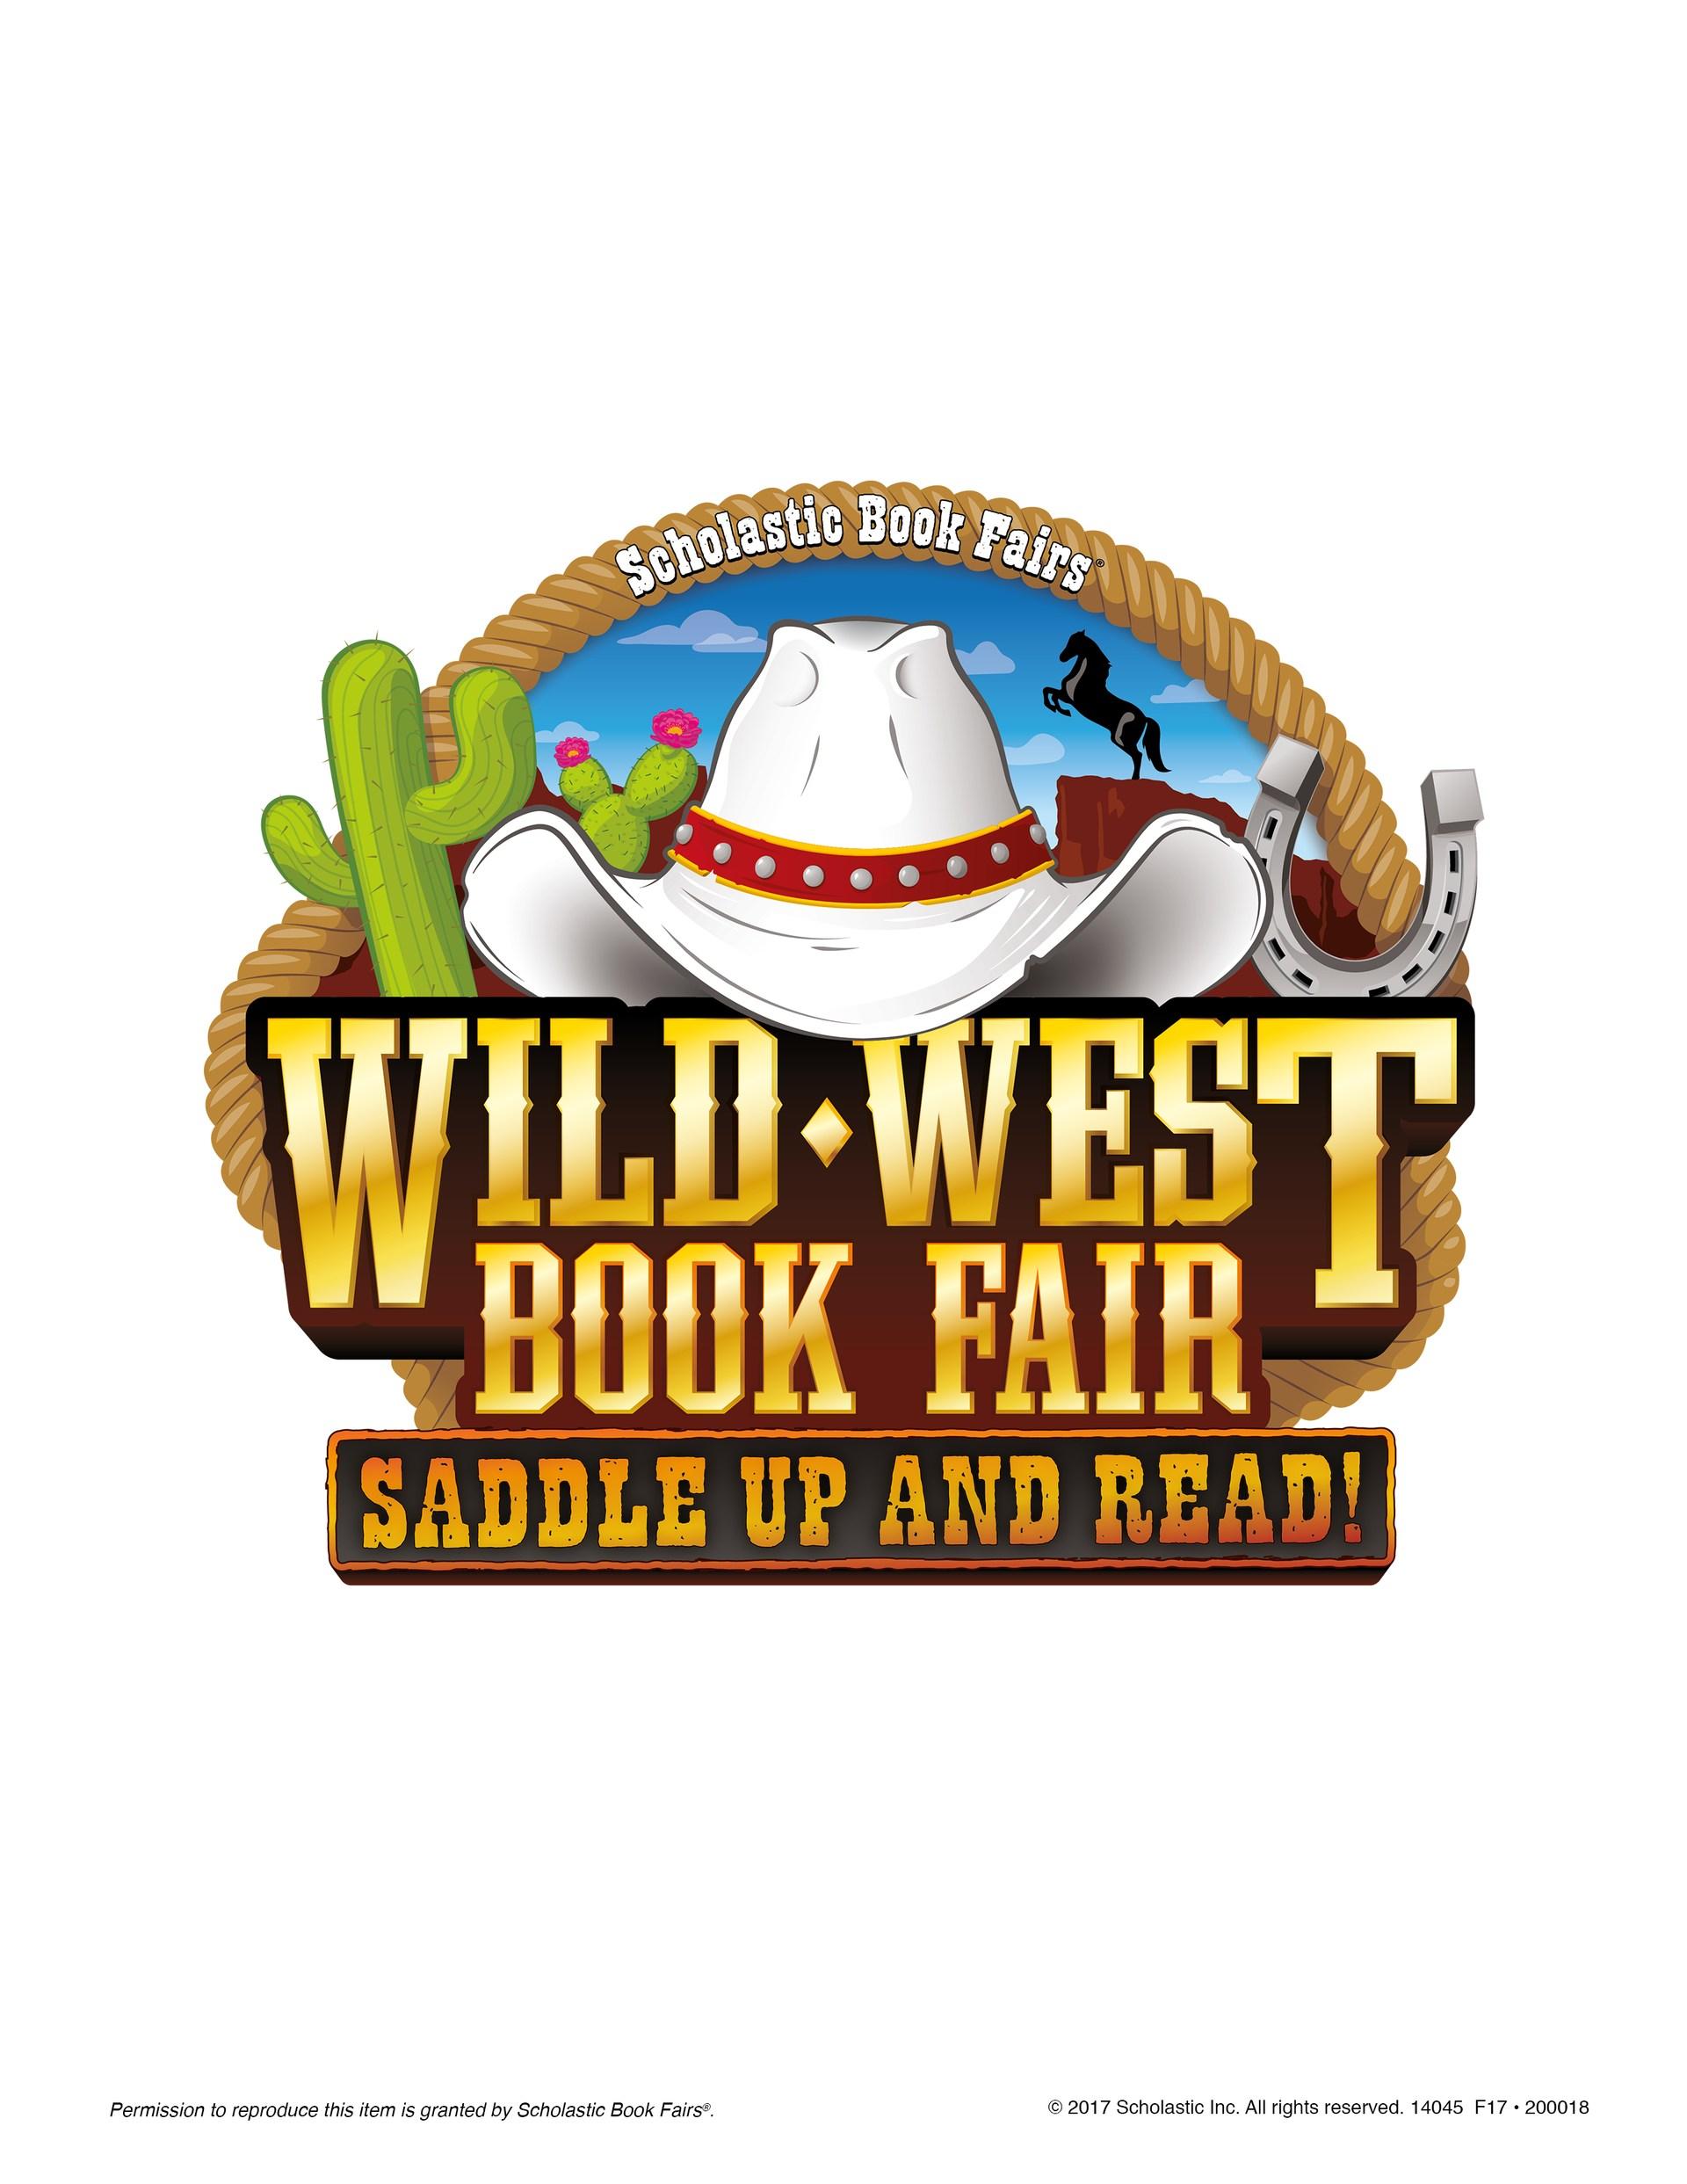 Meador Book Fair